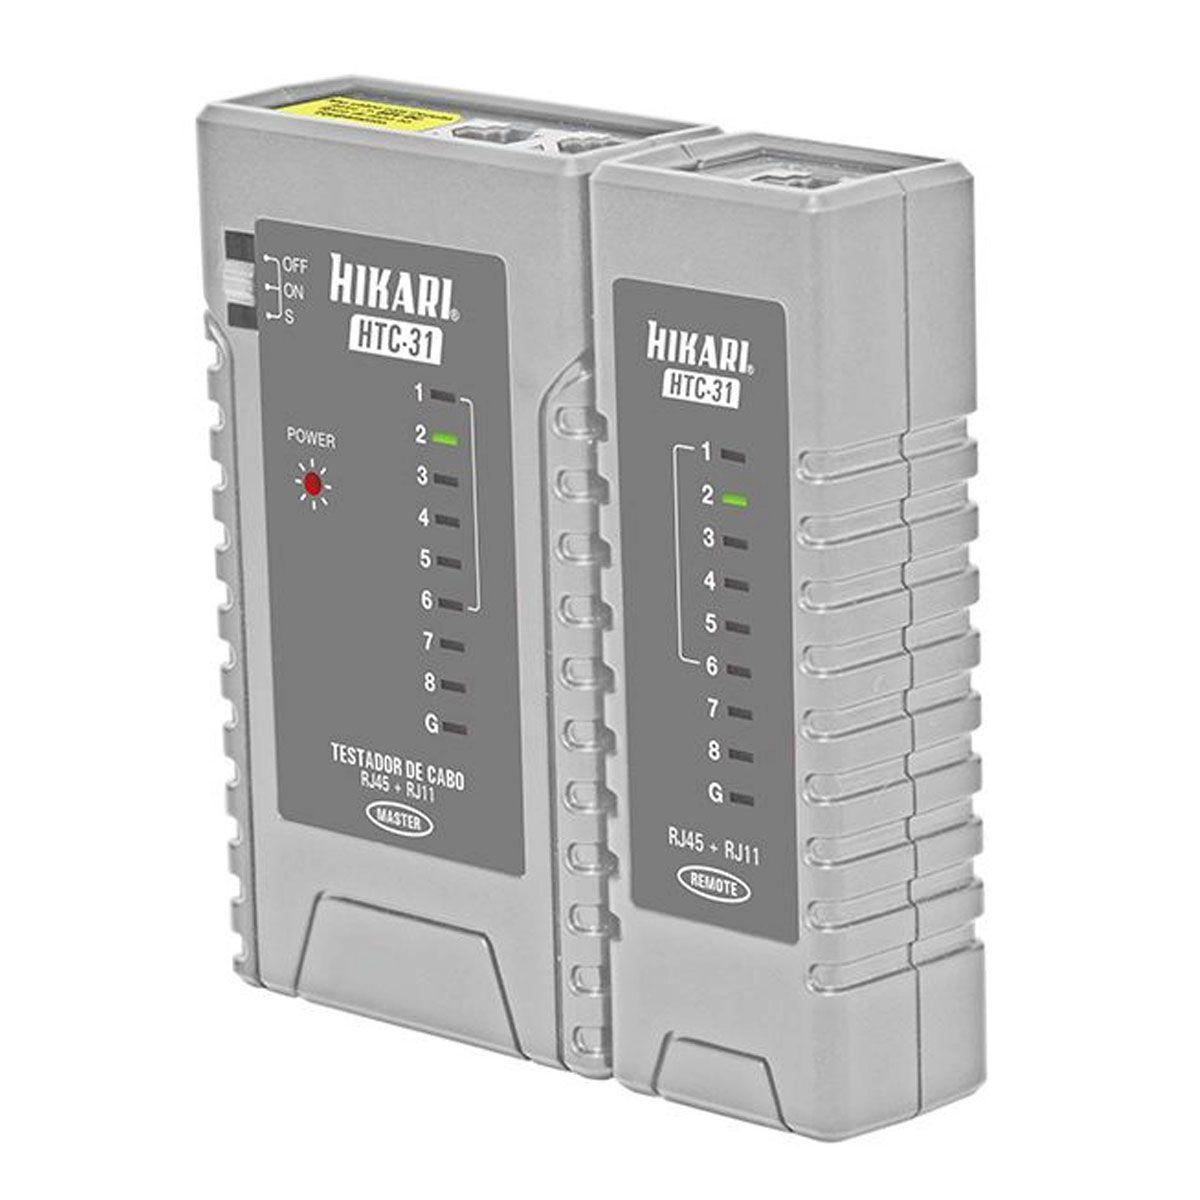 Testador de cabos RJ45 e RJ11- Hikari HTC-31